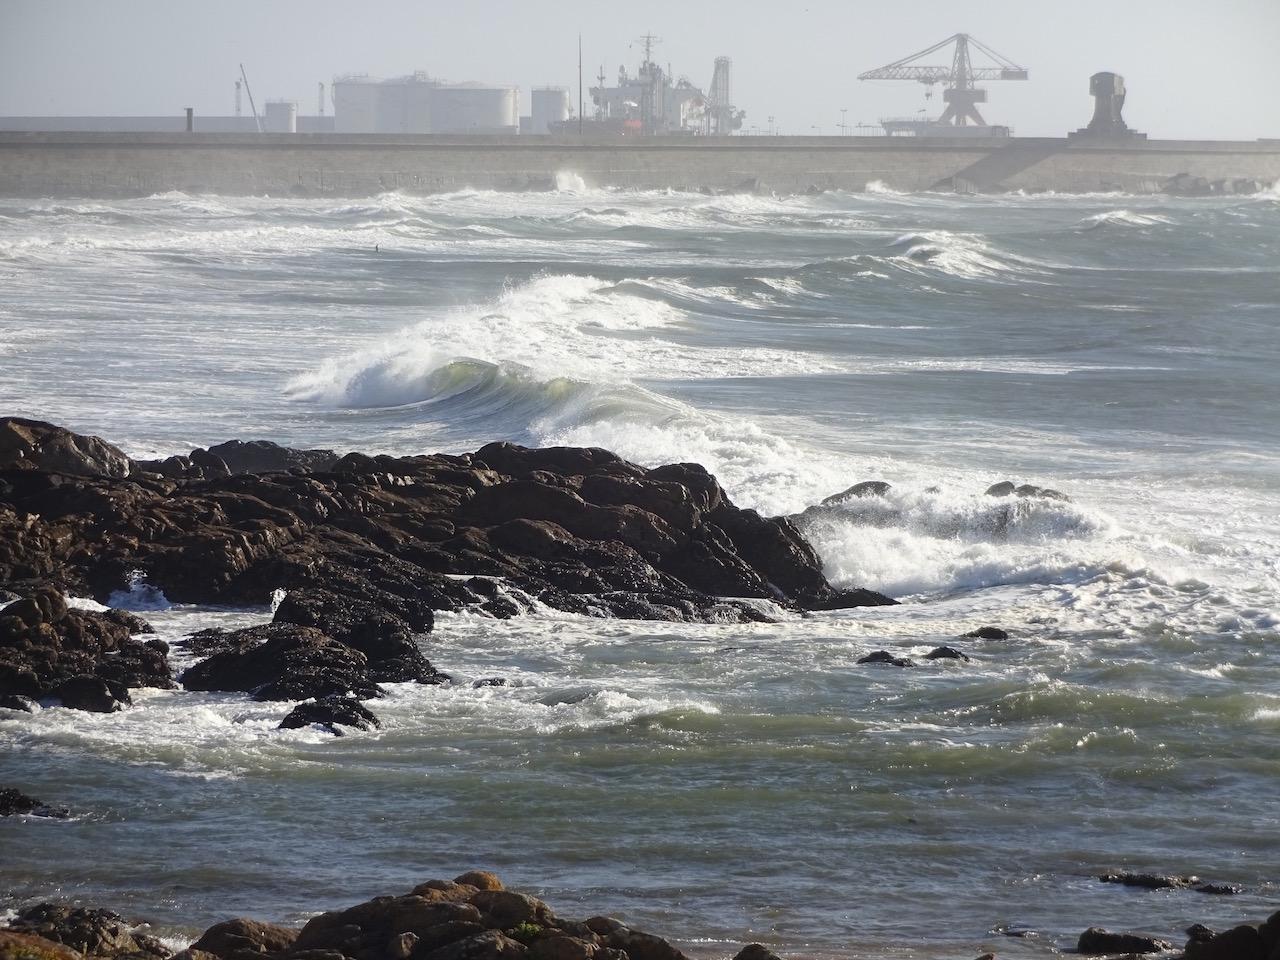 hier tummeln sich die Surfer und warten auf ihre perfekte Welle